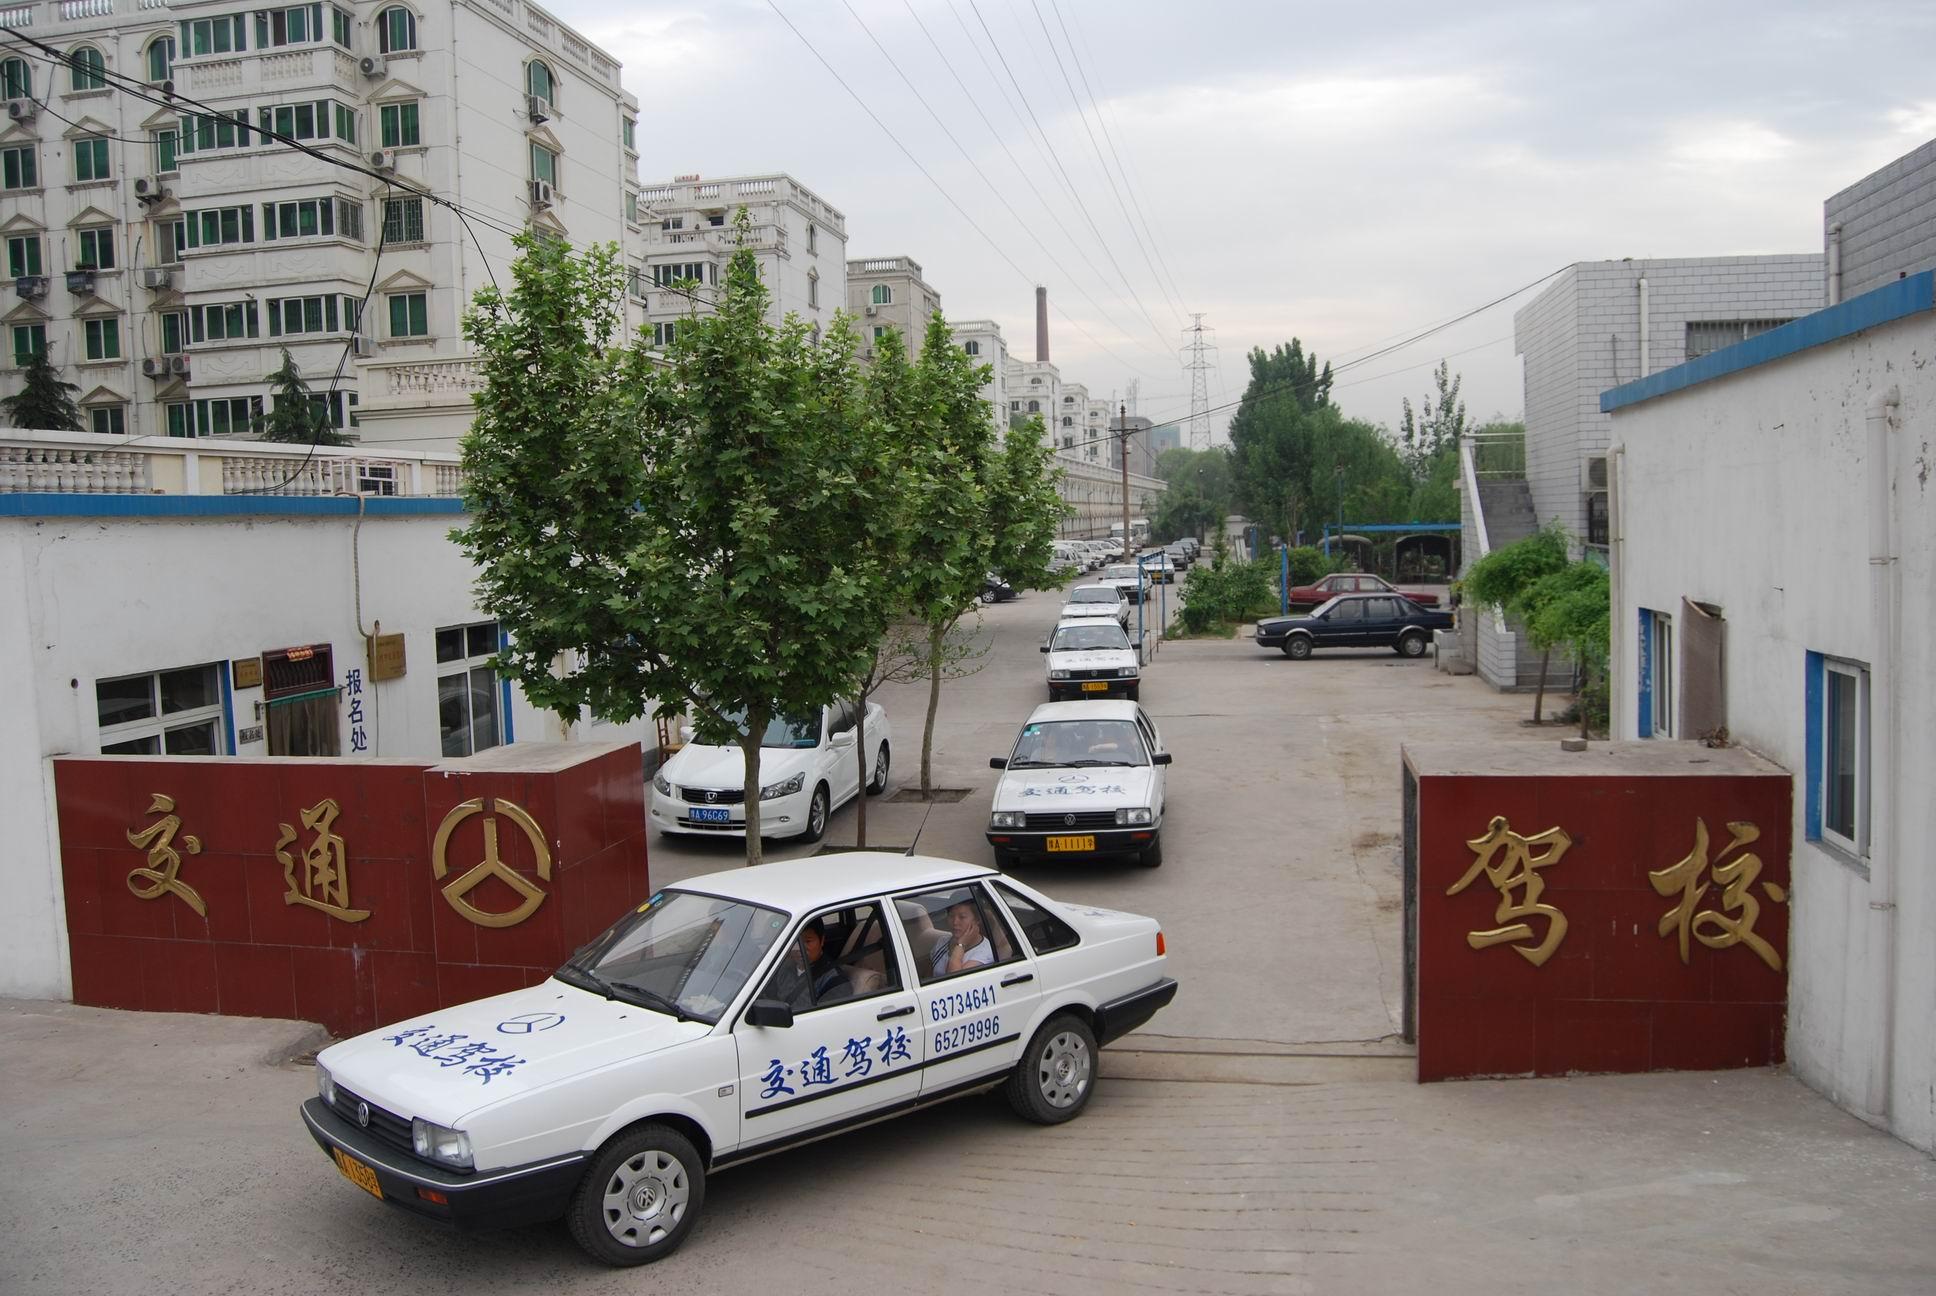 郑州交通驾校校园风景照片_交通驾校风采什么样子?_众